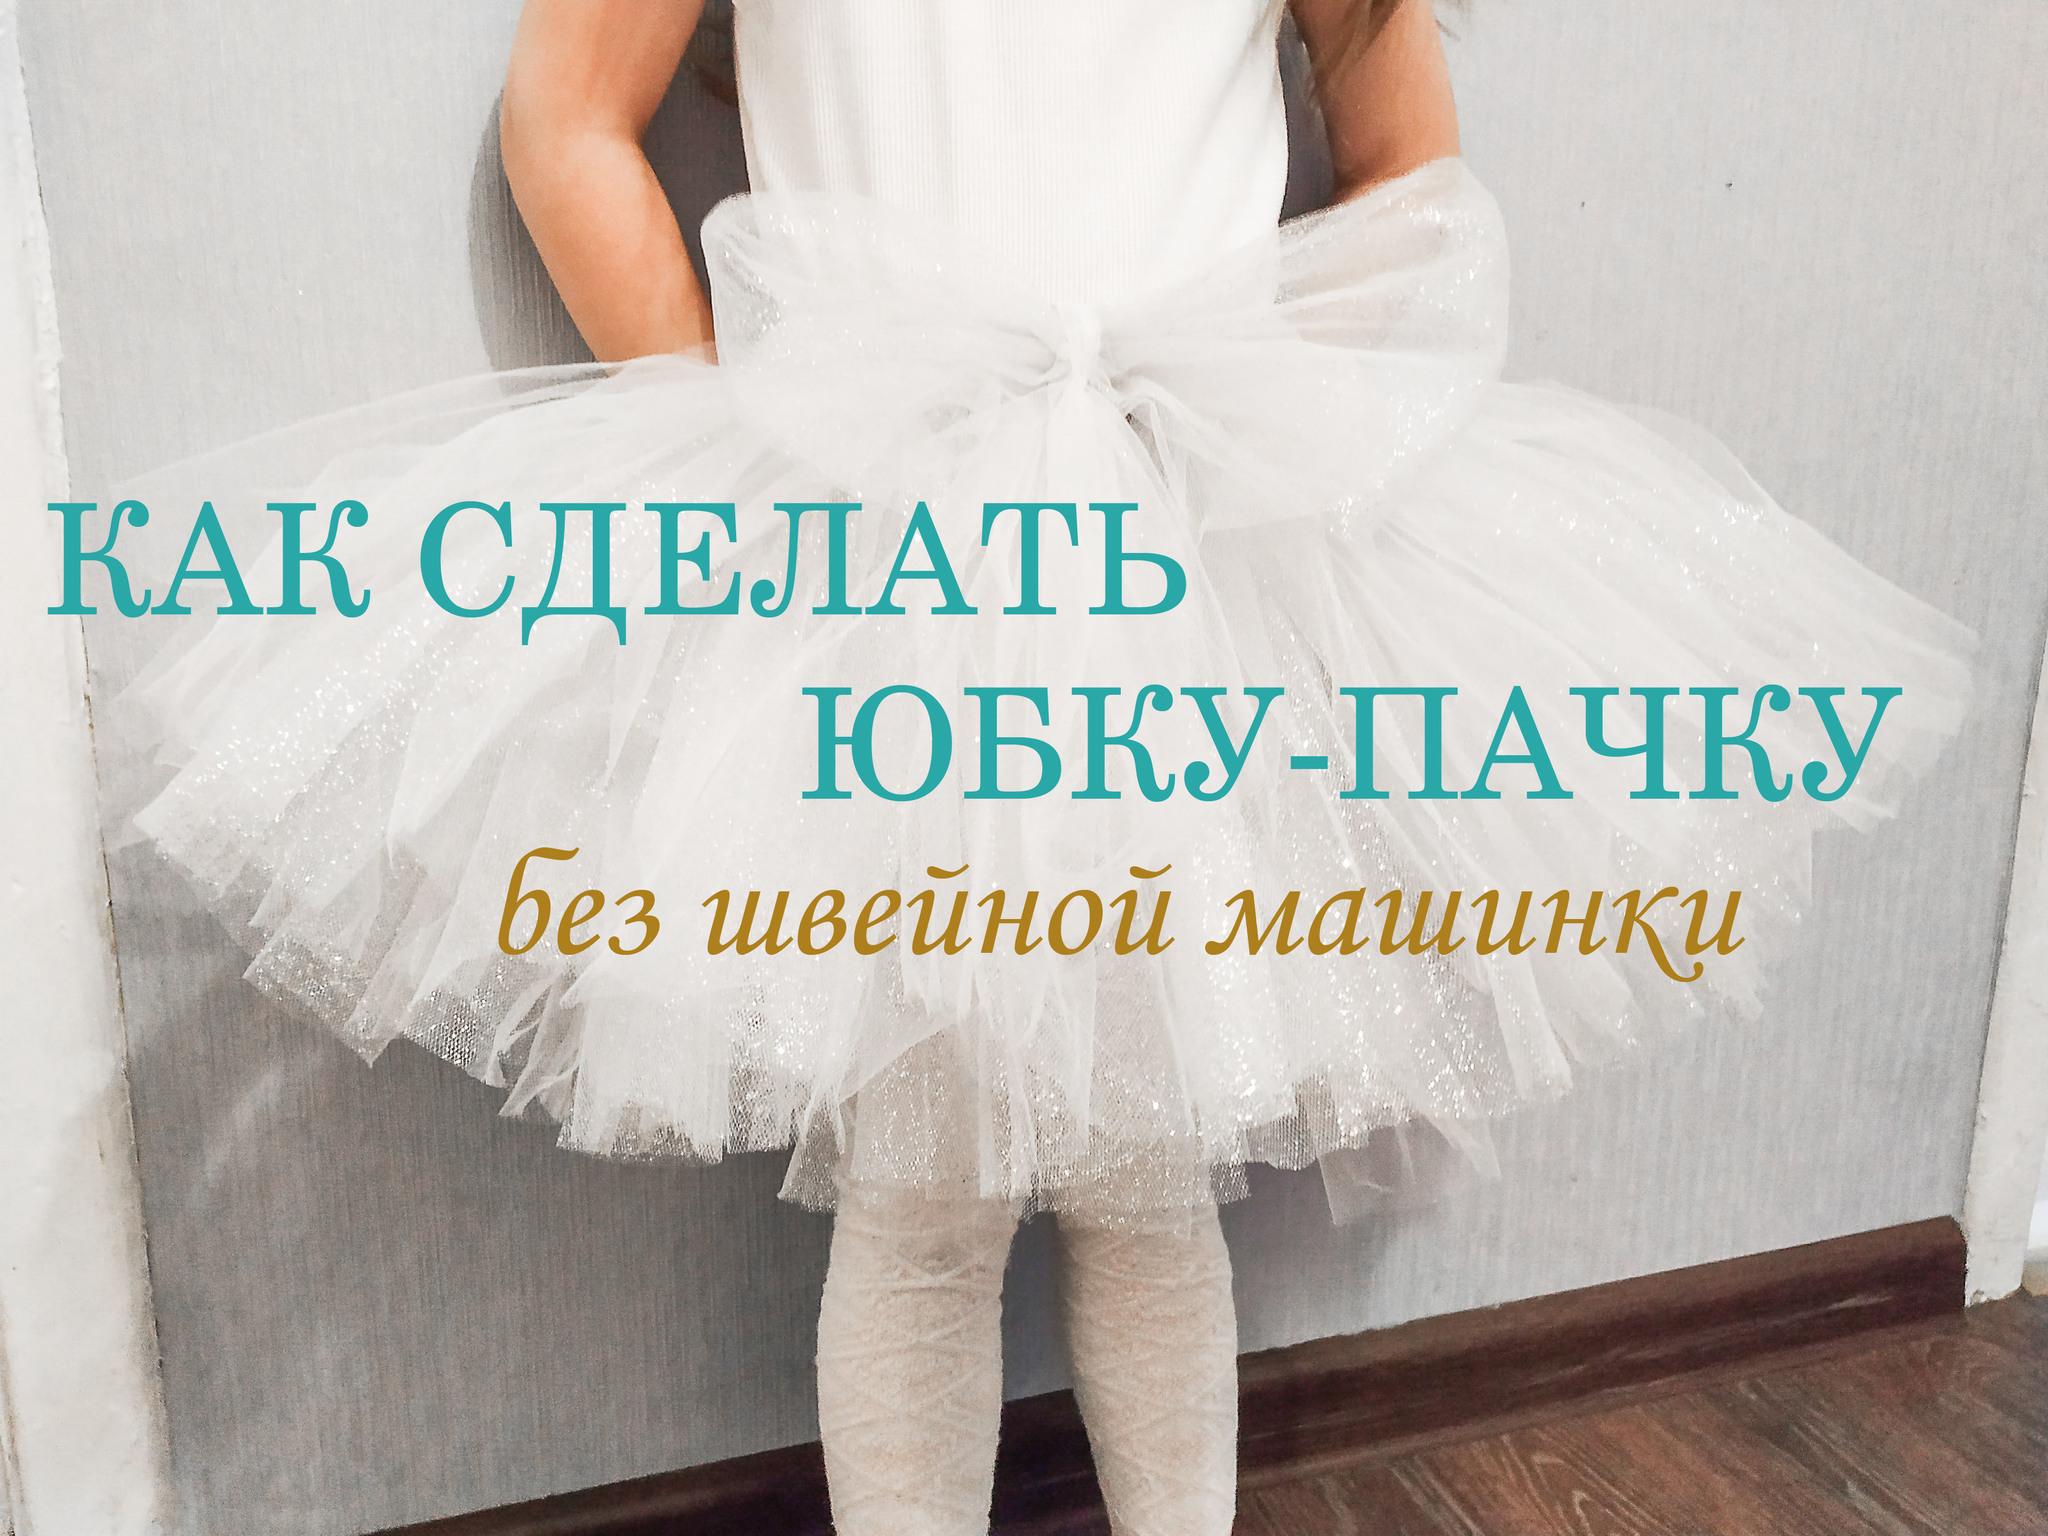 Как сделать юбку-пачку (без швейной машины).